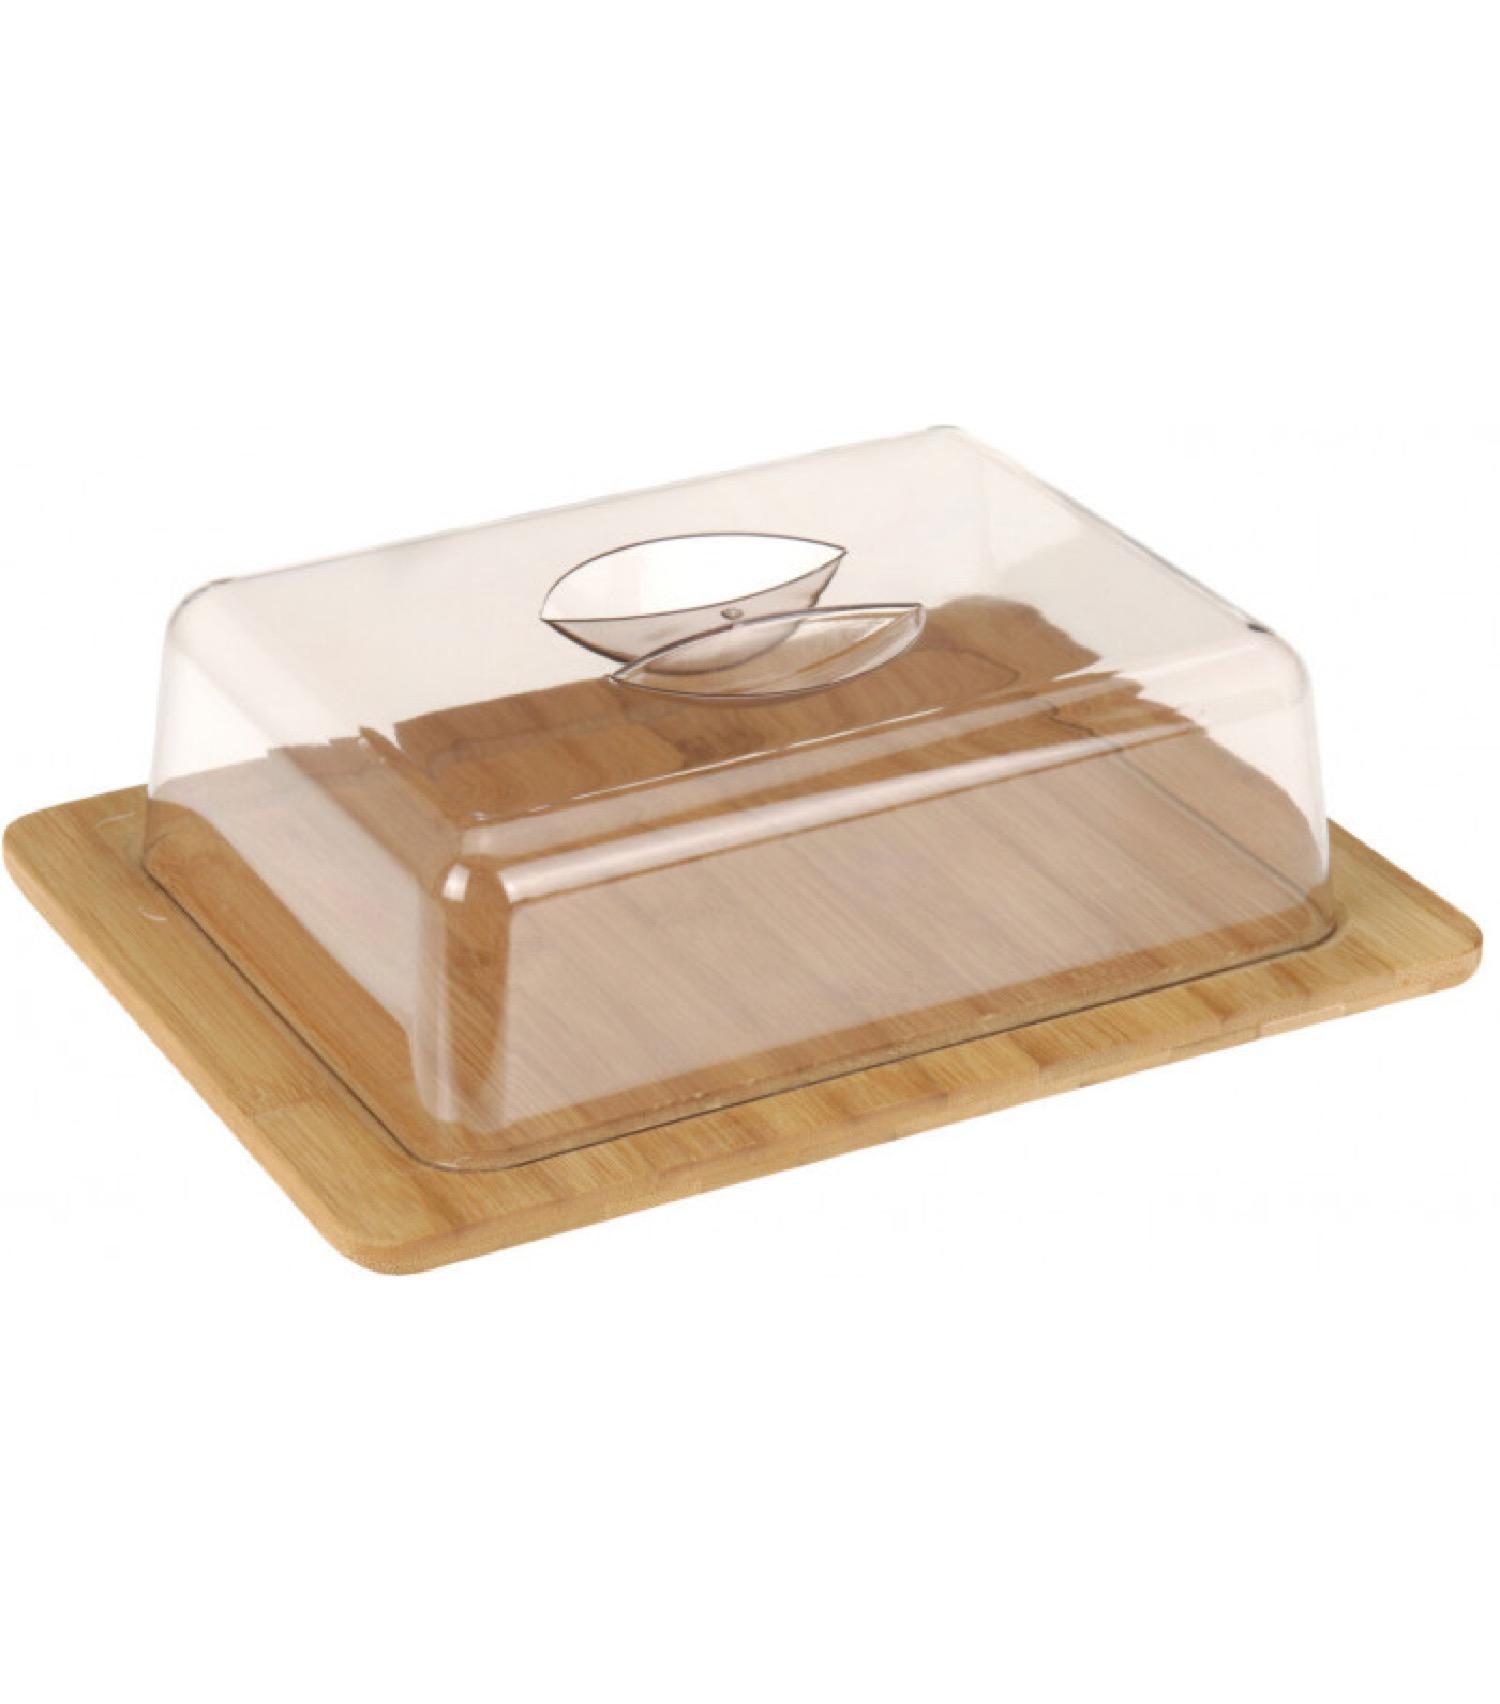 Petit plateau fromage bambou rectangulaire et cloche acrylique